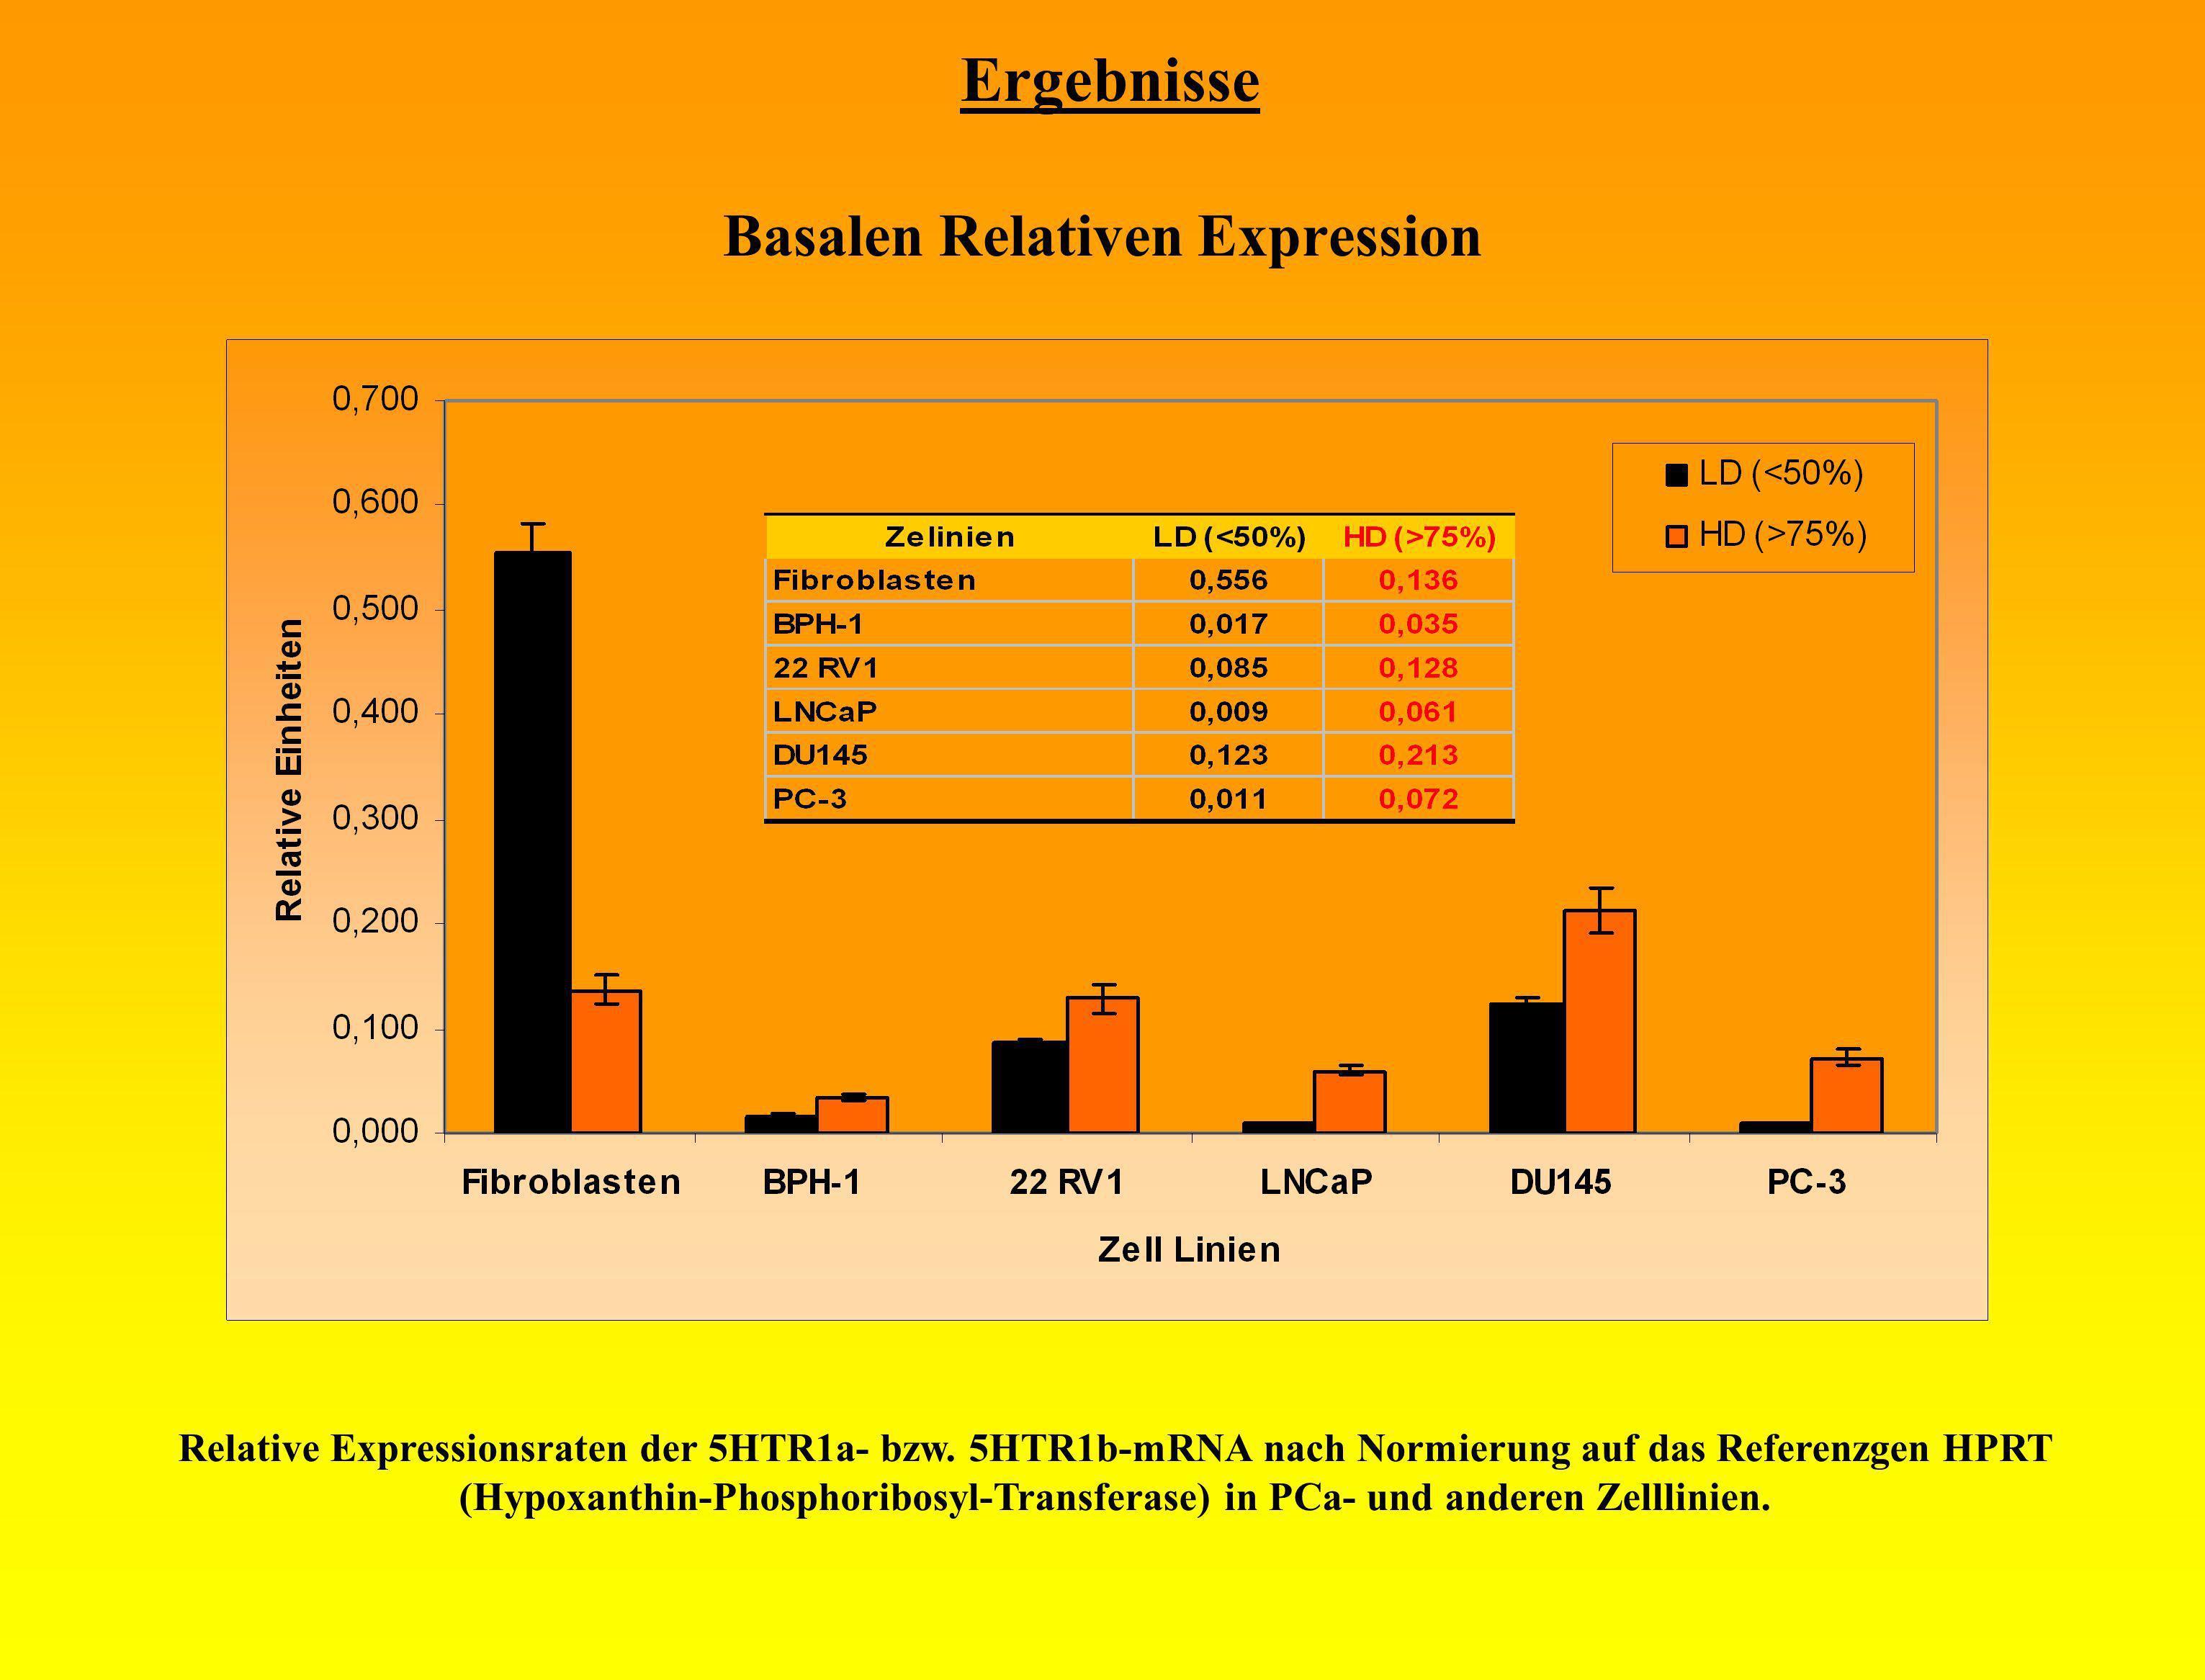 Ergebnisse Basalen Relativen Expression Relative Expressionsraten der 5HTR1a- bzw. 5HTR1b-mRNA nach Normierung auf das Referenzgen HPRT (Hypoxanthin-P